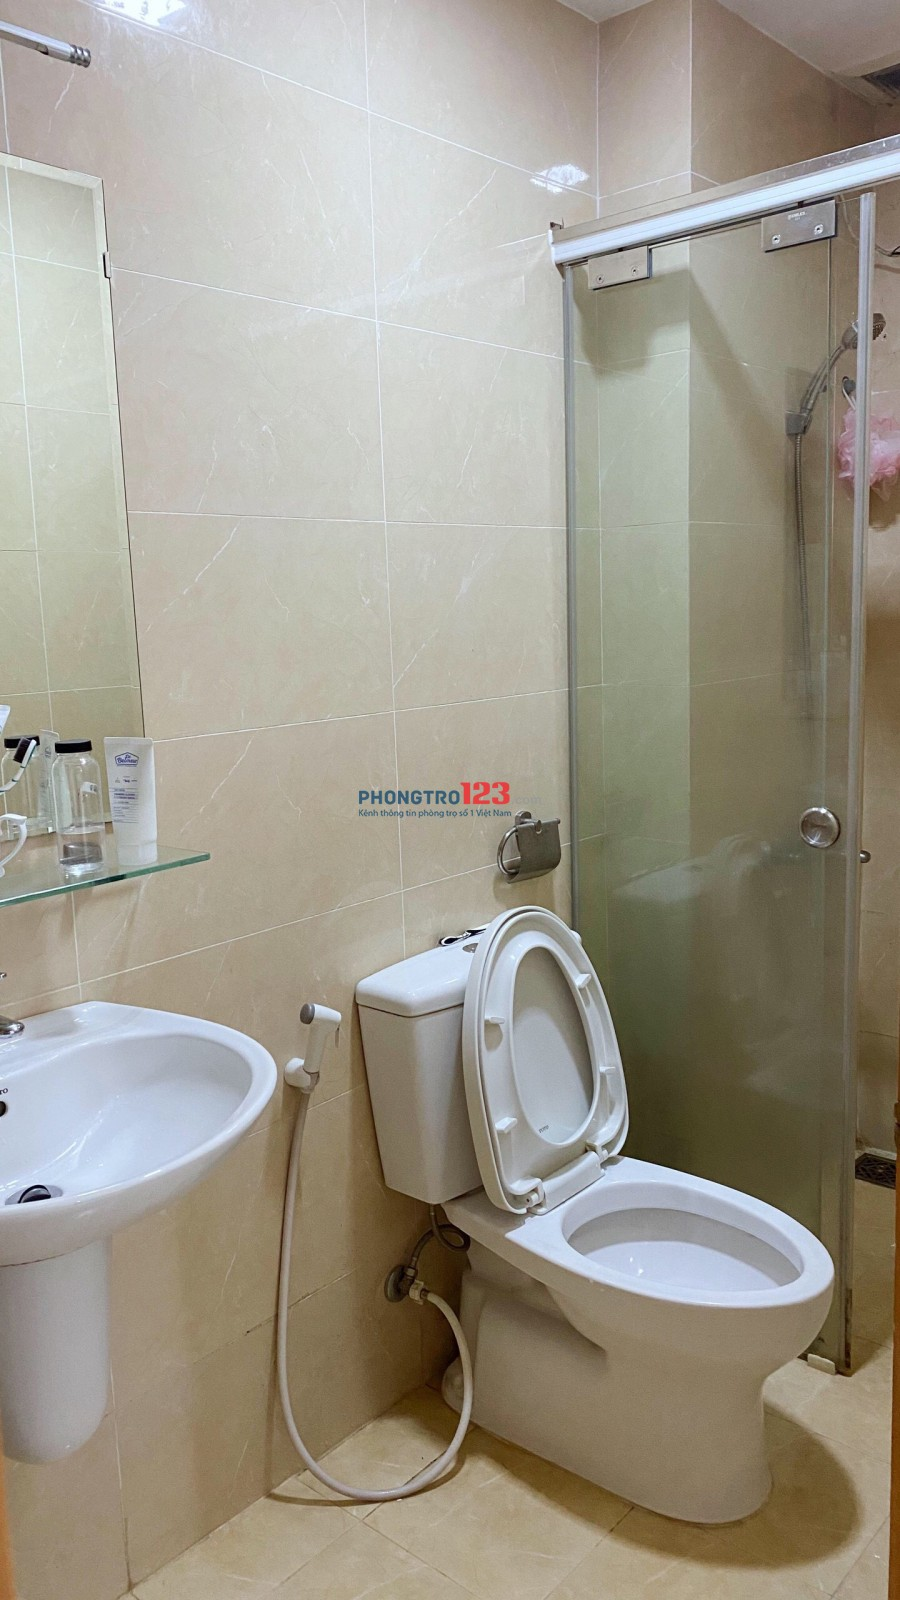 Cần 1 Nam ở ghép căn hộ The CBD Premium home, Q.2.Chỉ 1,5 Triệu/tháng cho căn 3PN-2WC-1PK. Liên hệ: 0902862234